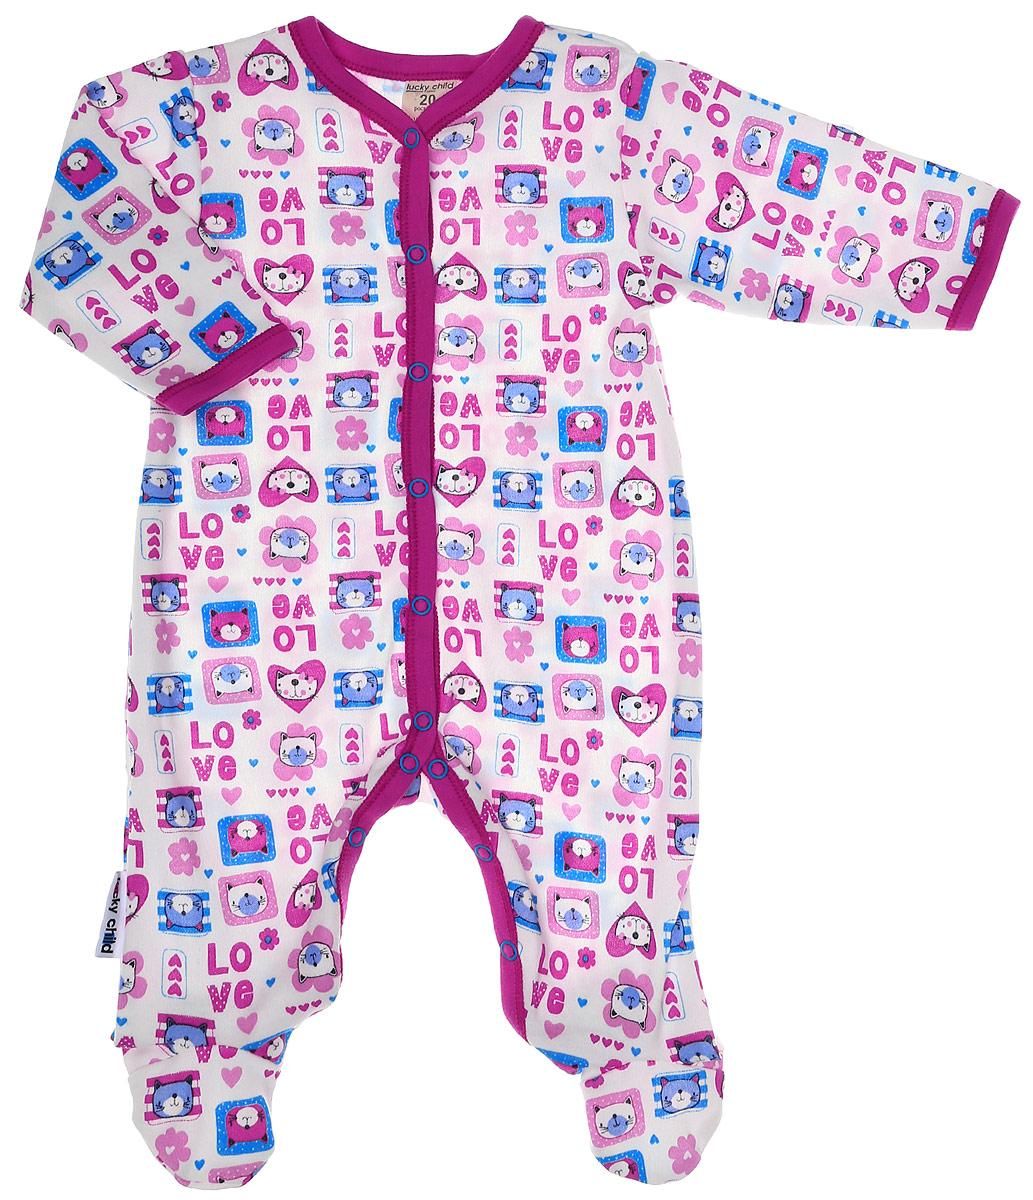 Комбинезон домашний детский Luky Child, цвет: розовый, молочный. А6-101/цв. Размер 80/86А6-101/цвДетский комбинезон Lucky Child - очень удобный и практичный вид одежды для малышей. Комбинезон выполнен из натурального хлопка, благодаря чему он необычайно мягкий и приятный на ощупь, не раздражают нежную кожу ребенка и хорошо вентилируются, а эластичные швы приятны телу малыша и не препятствуют его движениям. Комбинезон с длинными рукавами и закрытыми ножками имеет застежки-кнопки, которые помогают легко переодеть младенца или сменить подгузник. С детским комбинезоном Lucky Child спинка и ножки вашего малыша всегда будут в тепле, он идеален для использования днем и незаменим ночью. Комбинезон полностью соответствует особенностям жизни младенца в ранний период, не стесняя и не ограничивая его в движениях!